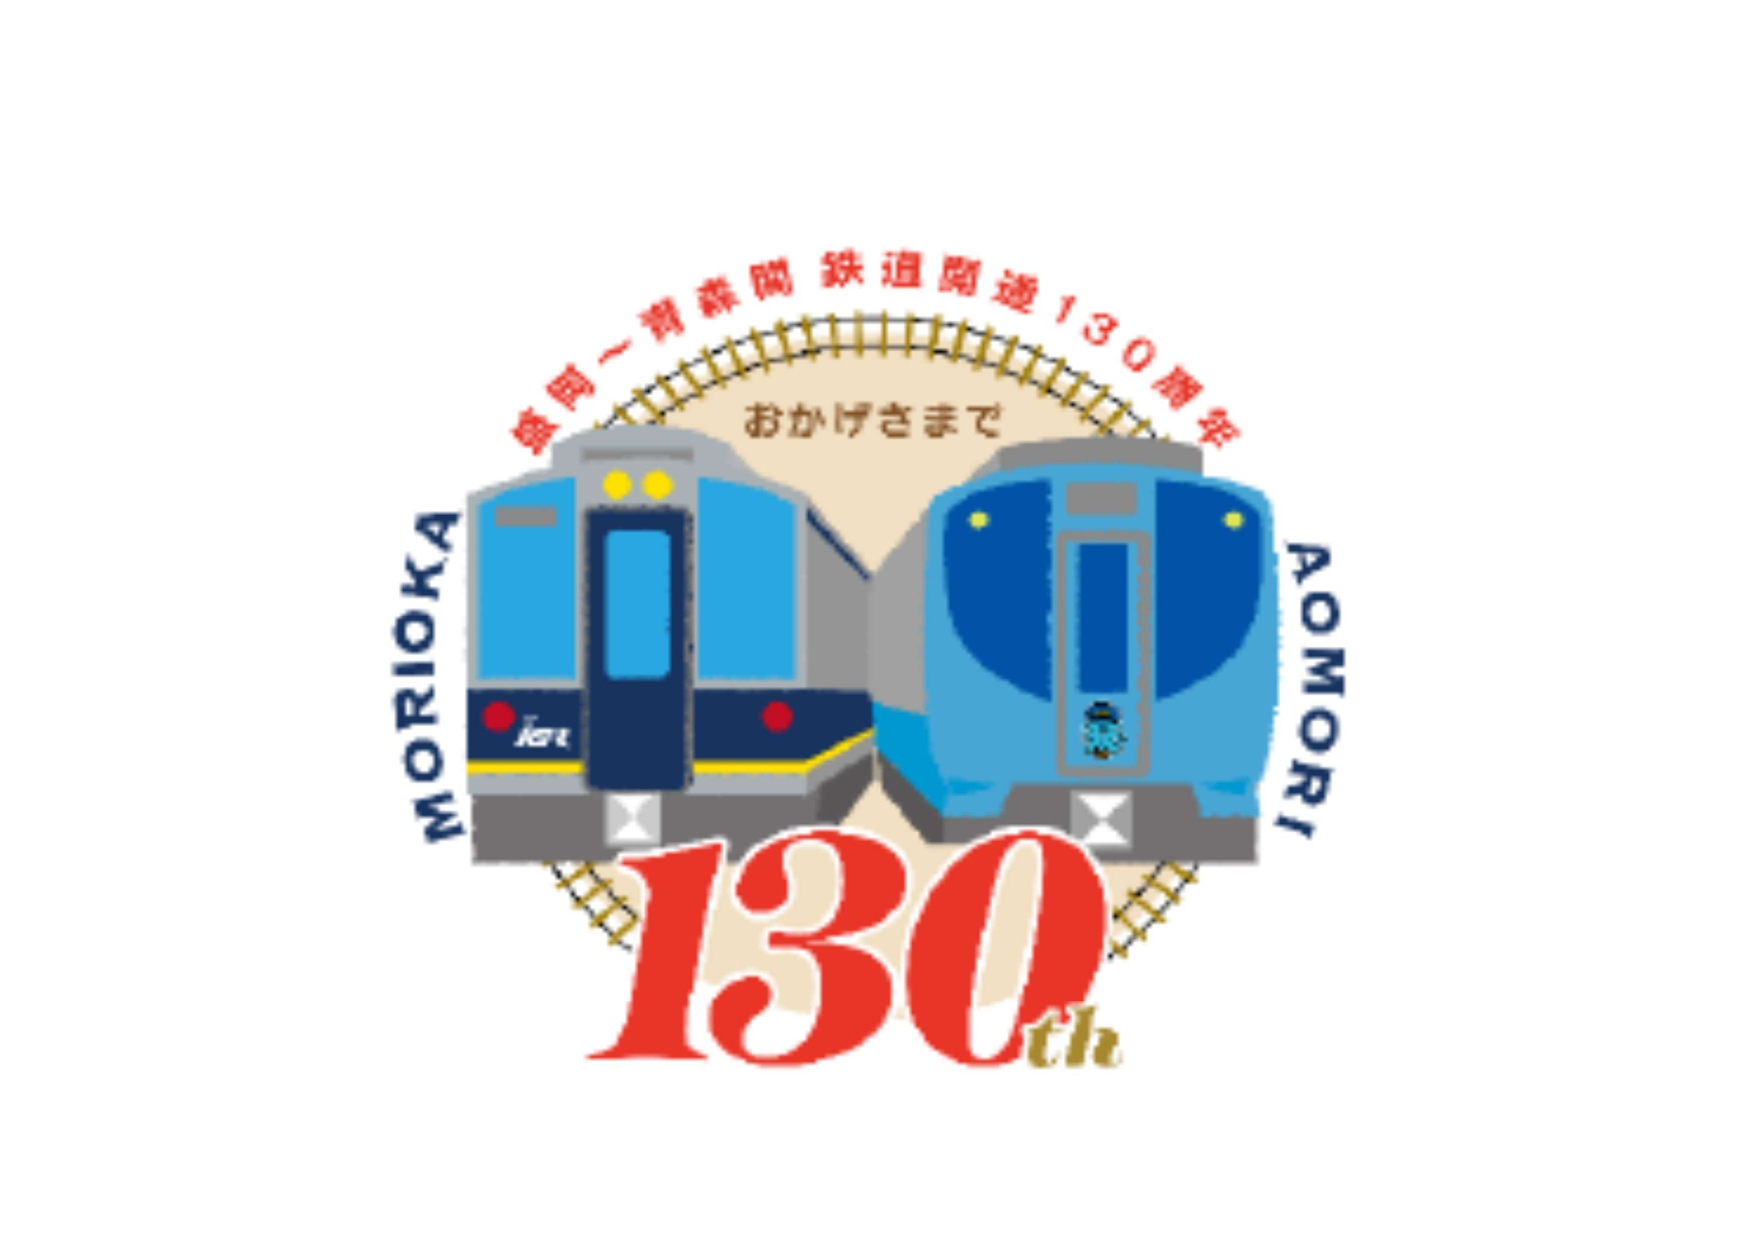 「盛岡~青森間鉄道開通130周年記念入場券セット」9月17日から発売 【IGRいわて銀河鉄道 / 青い森鉄道】